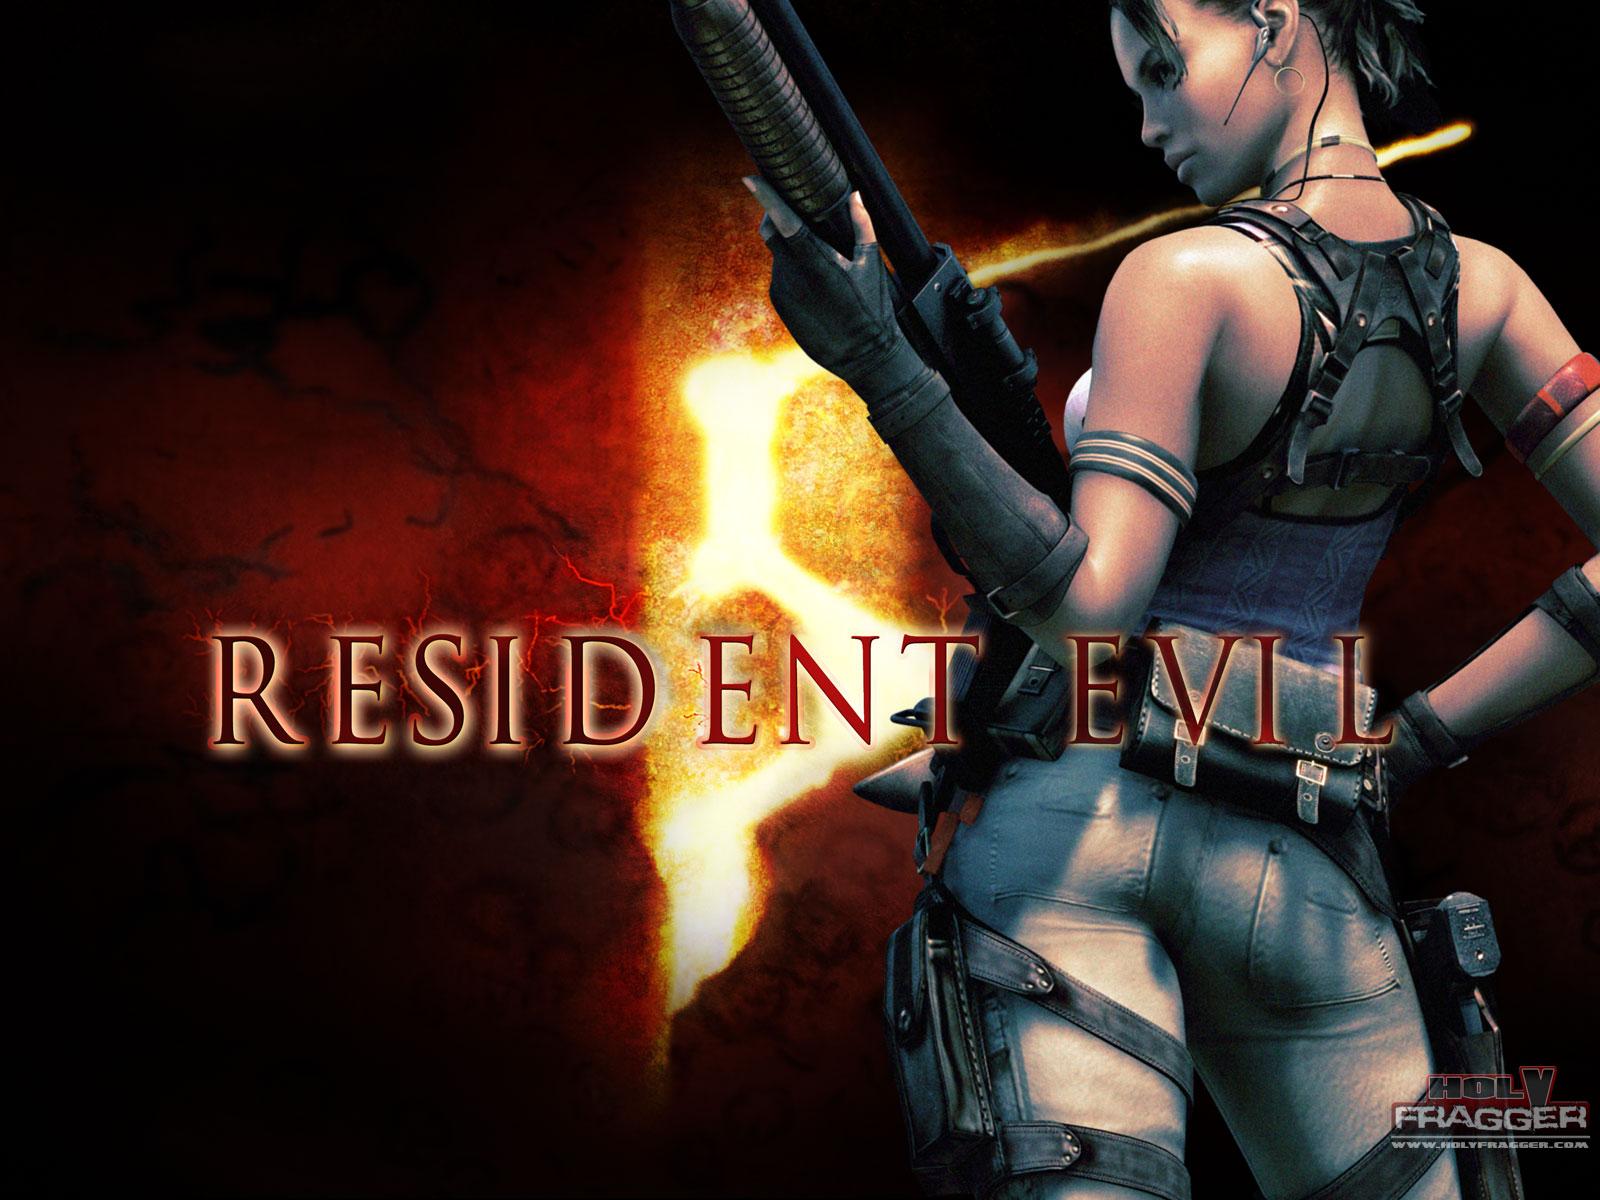 Resident Evil 5 Wallpaper Video Games Blogger